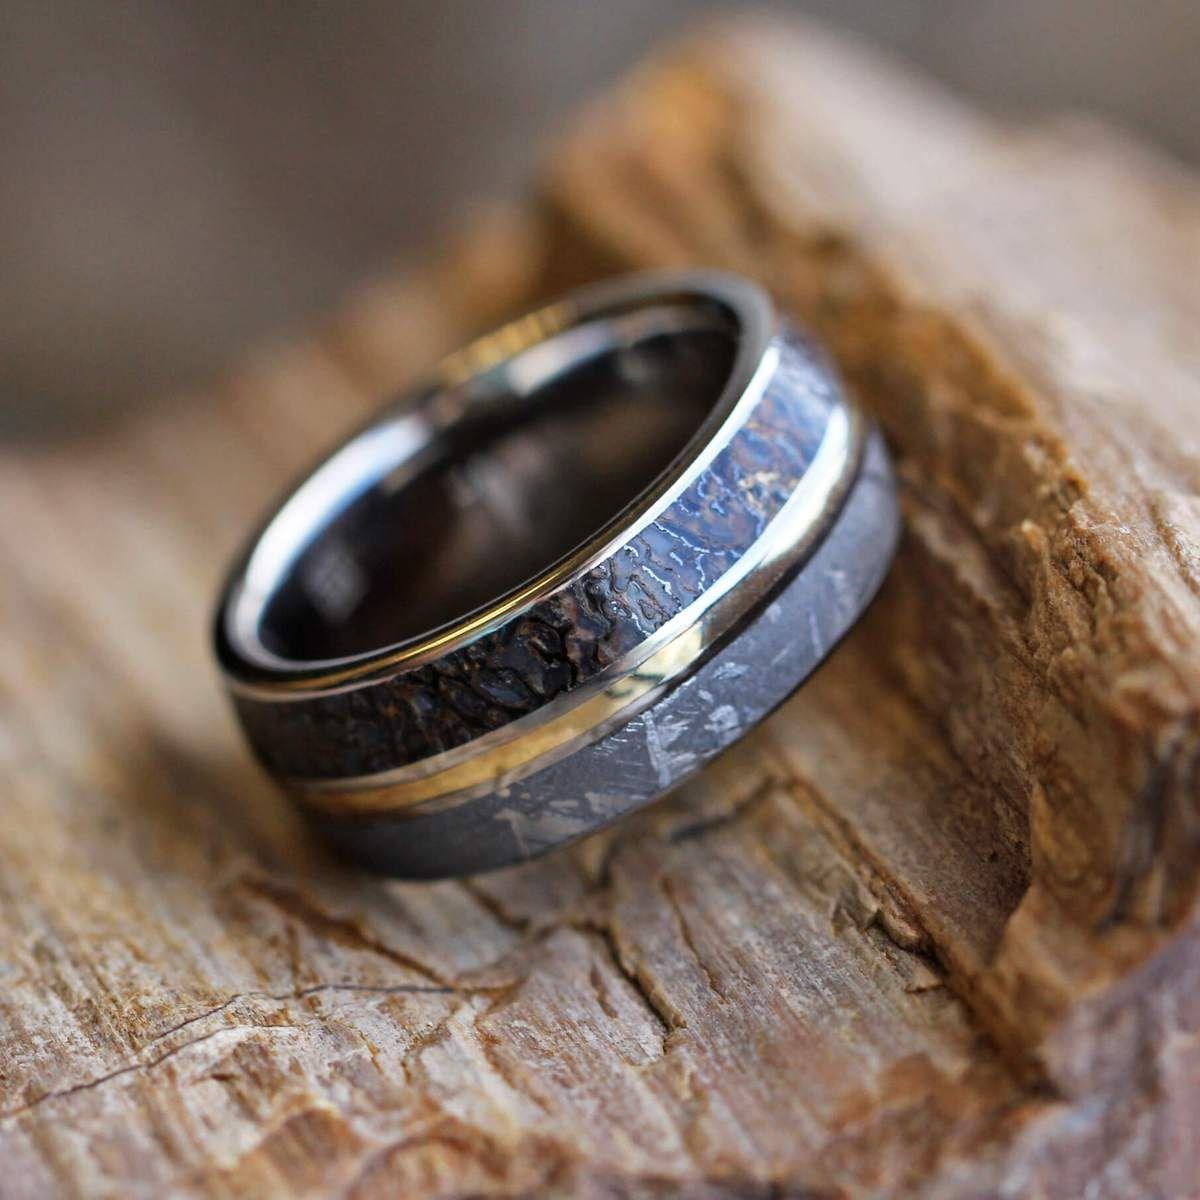 Dinosaur Bone Ring, Meteorite Men's Wedding Band With